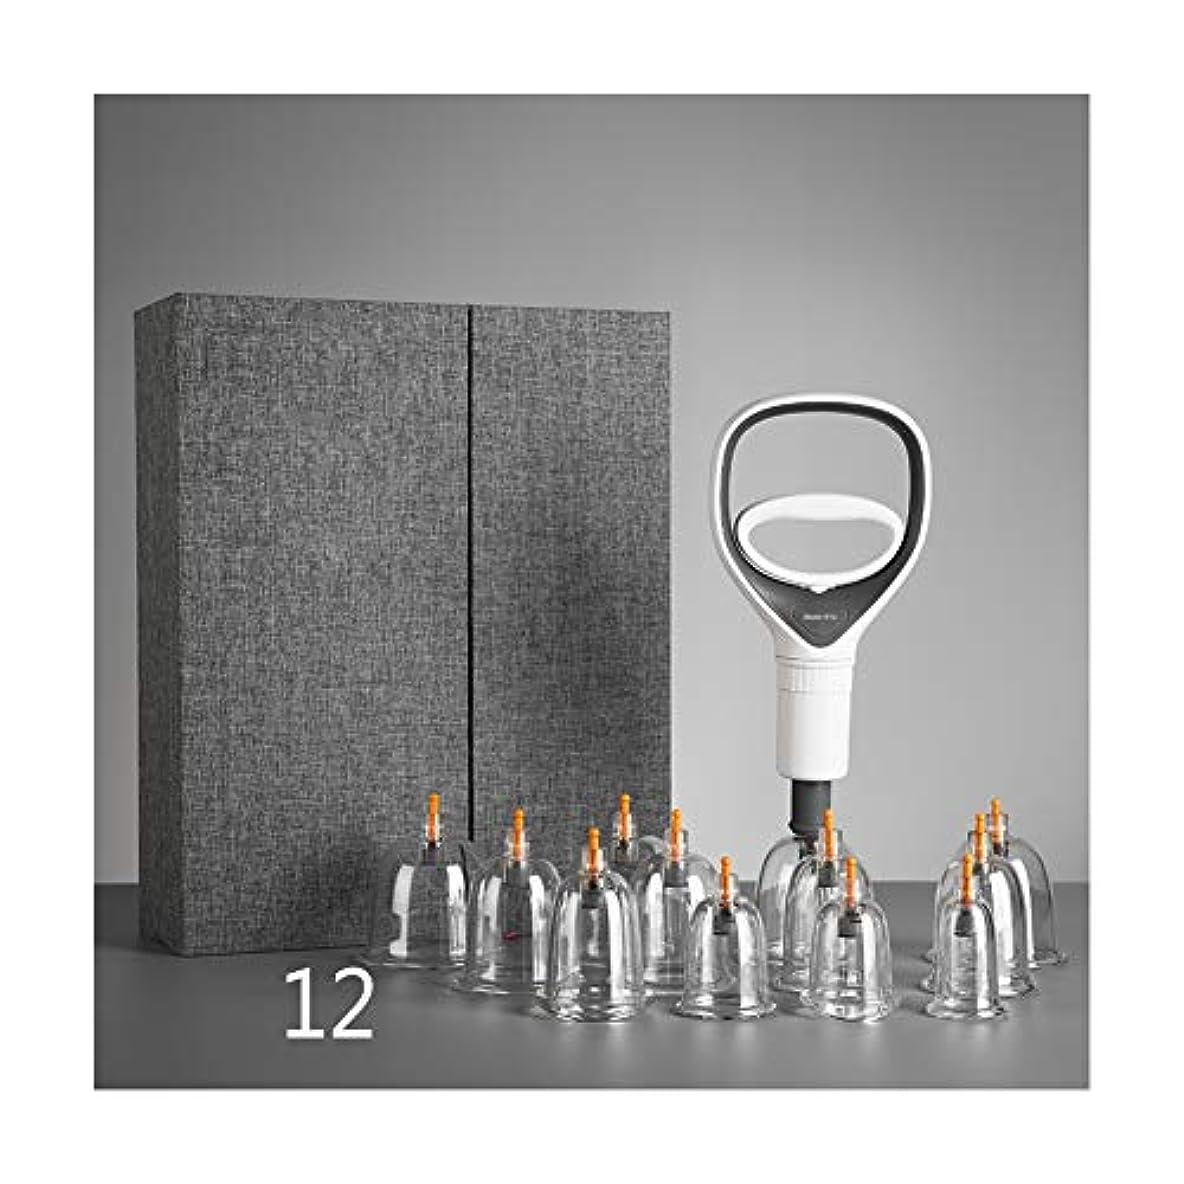 人差し指話をする酒カッピングセットプラスチック、耐久性のあるプロフェッショナル、医療グレードのプロフェッショナルカッピングキット、排泄毒素、全身チクチクする剛性疲労用12カップ